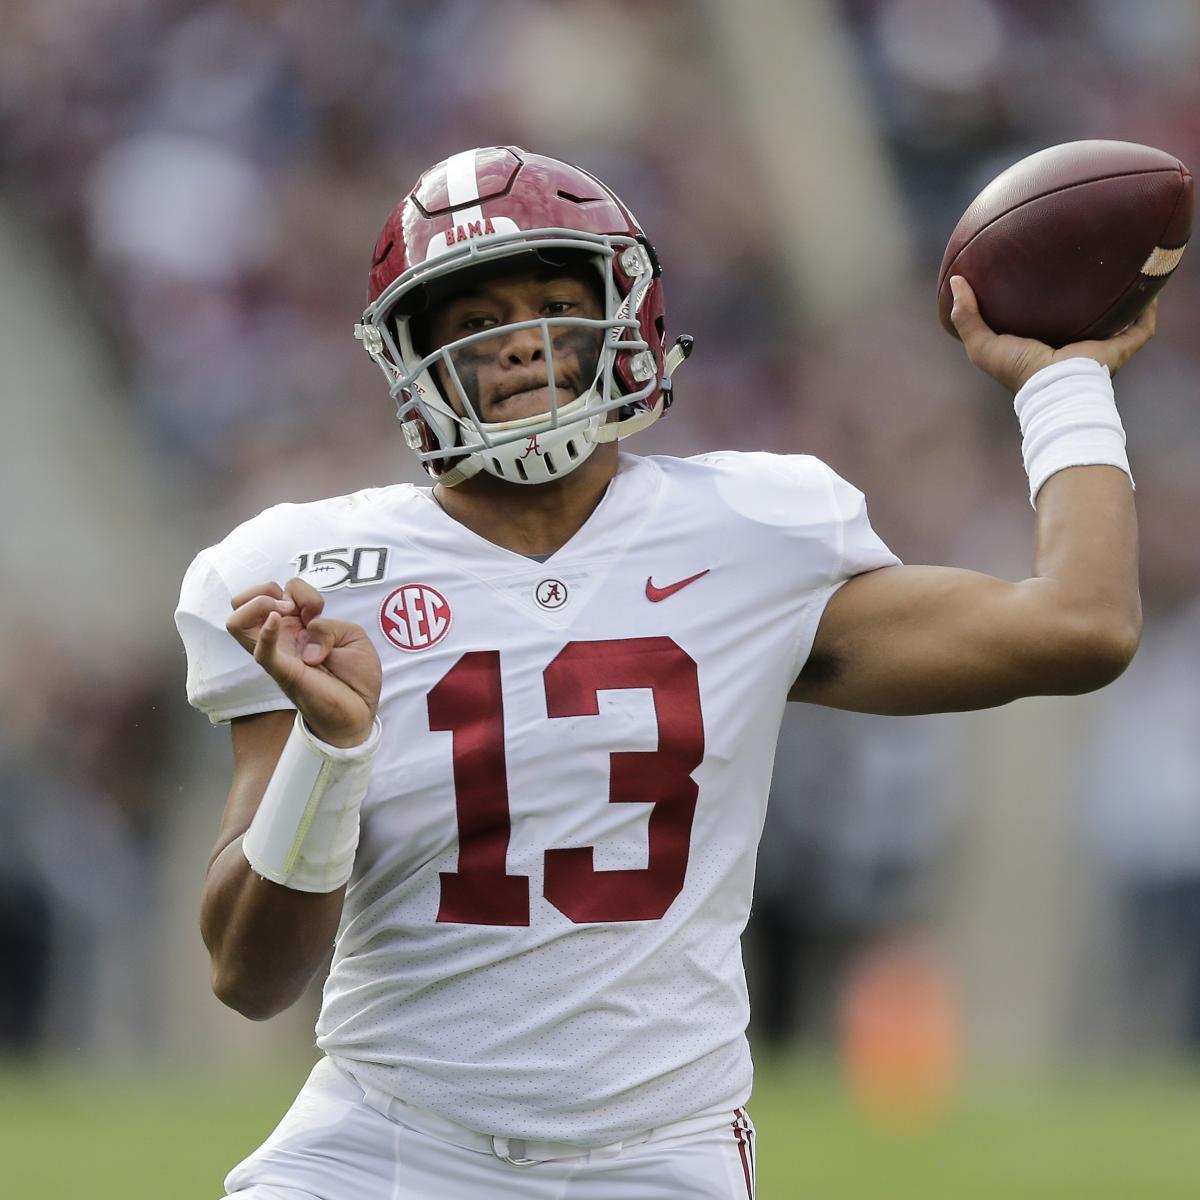 Alabama Qb Tua Tagovailoa Declares For 2020 Nfl Draft Despite Hip